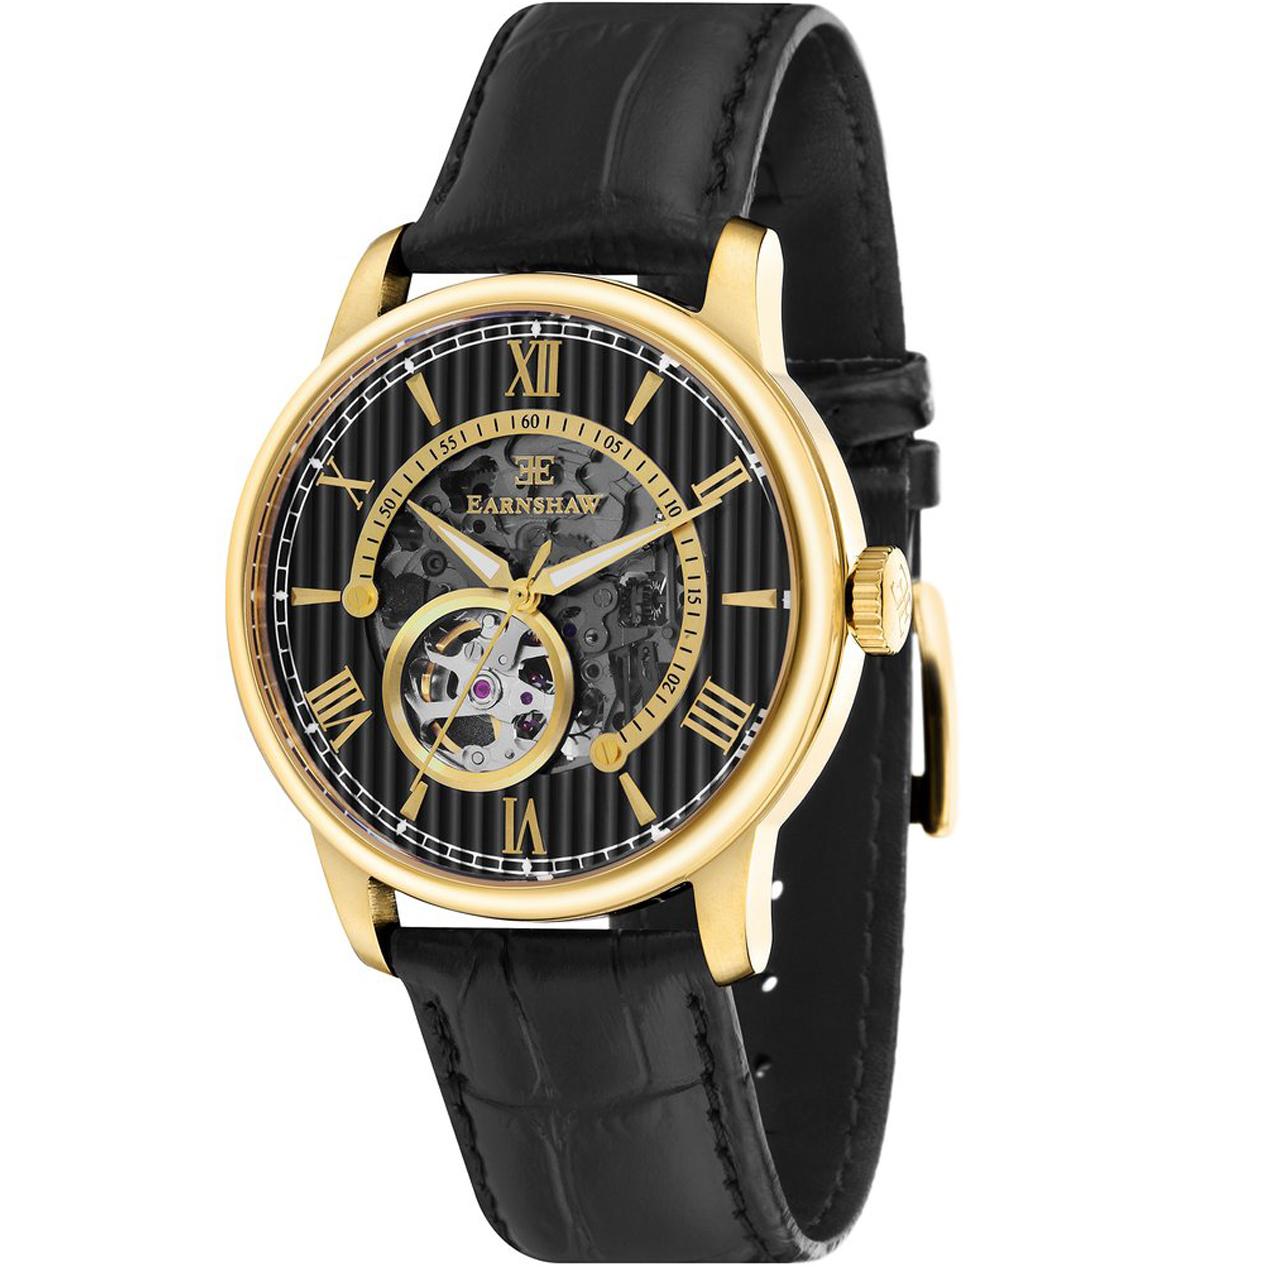 ساعت مچی عقربه ای مردانه ارنشا مدل ES-8802-03 55